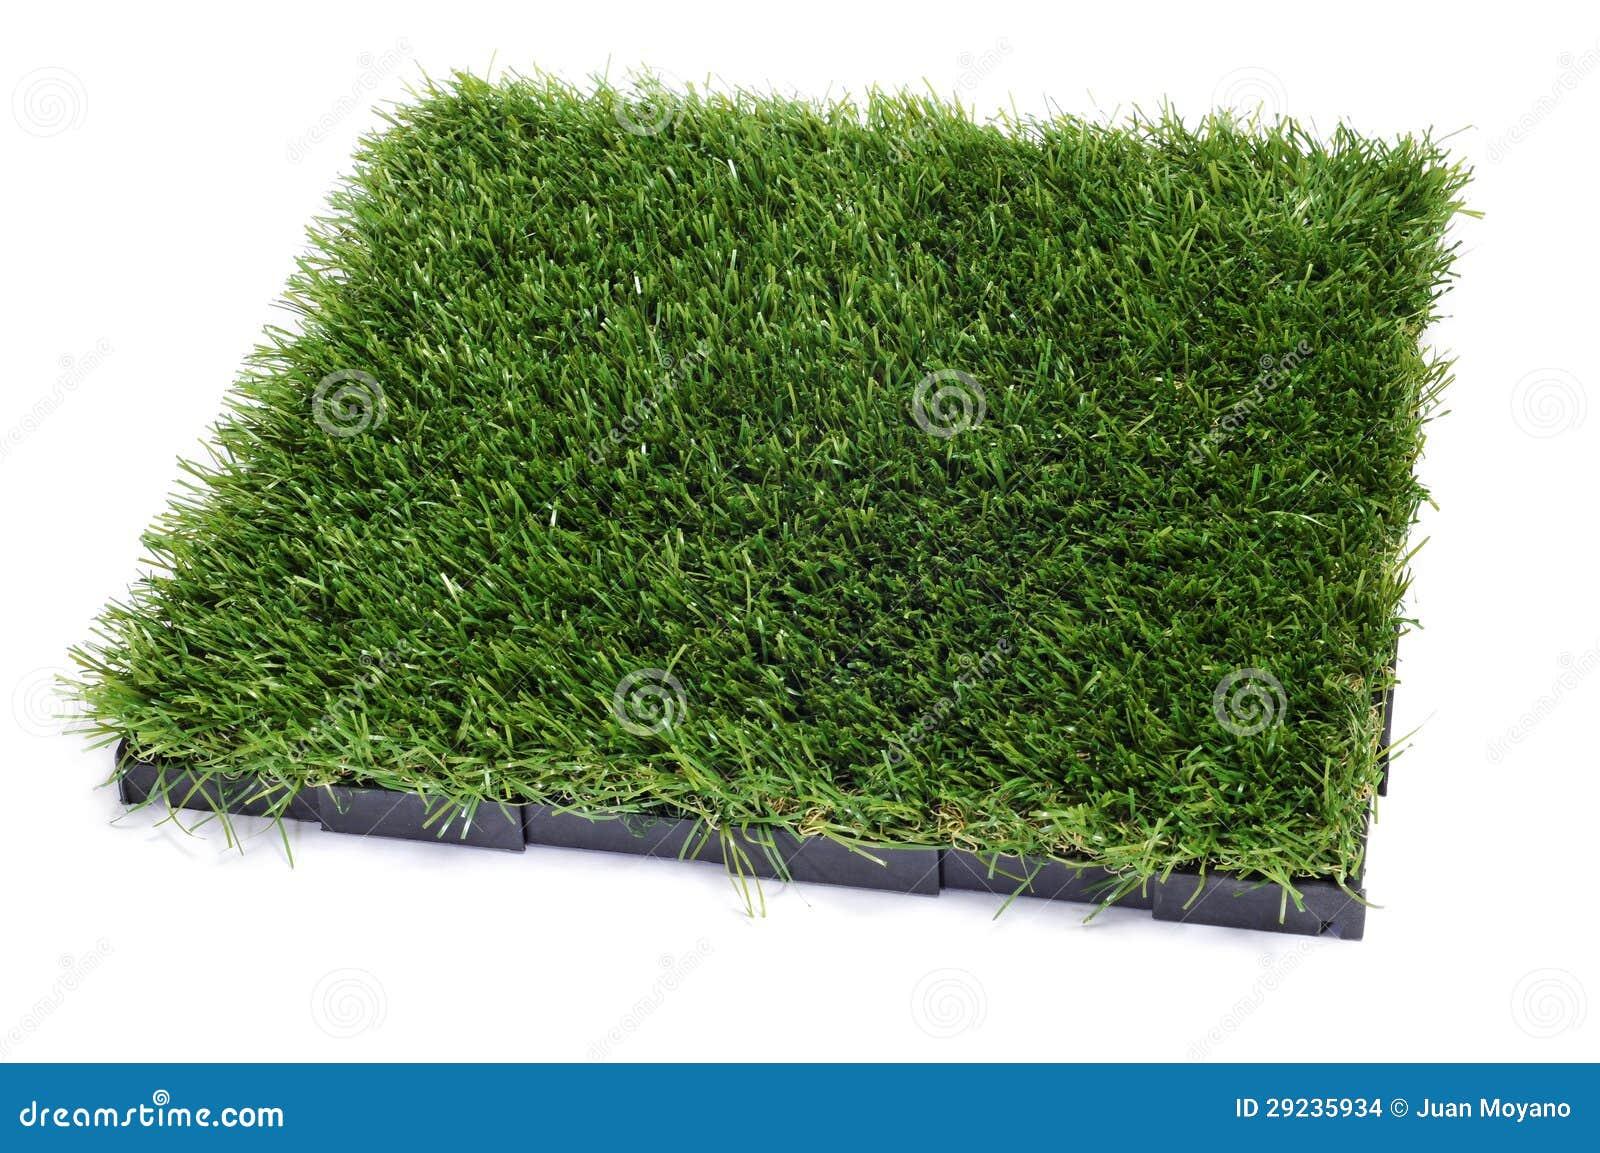 Download Relvado artificial foto de stock. Imagem de football - 29235934